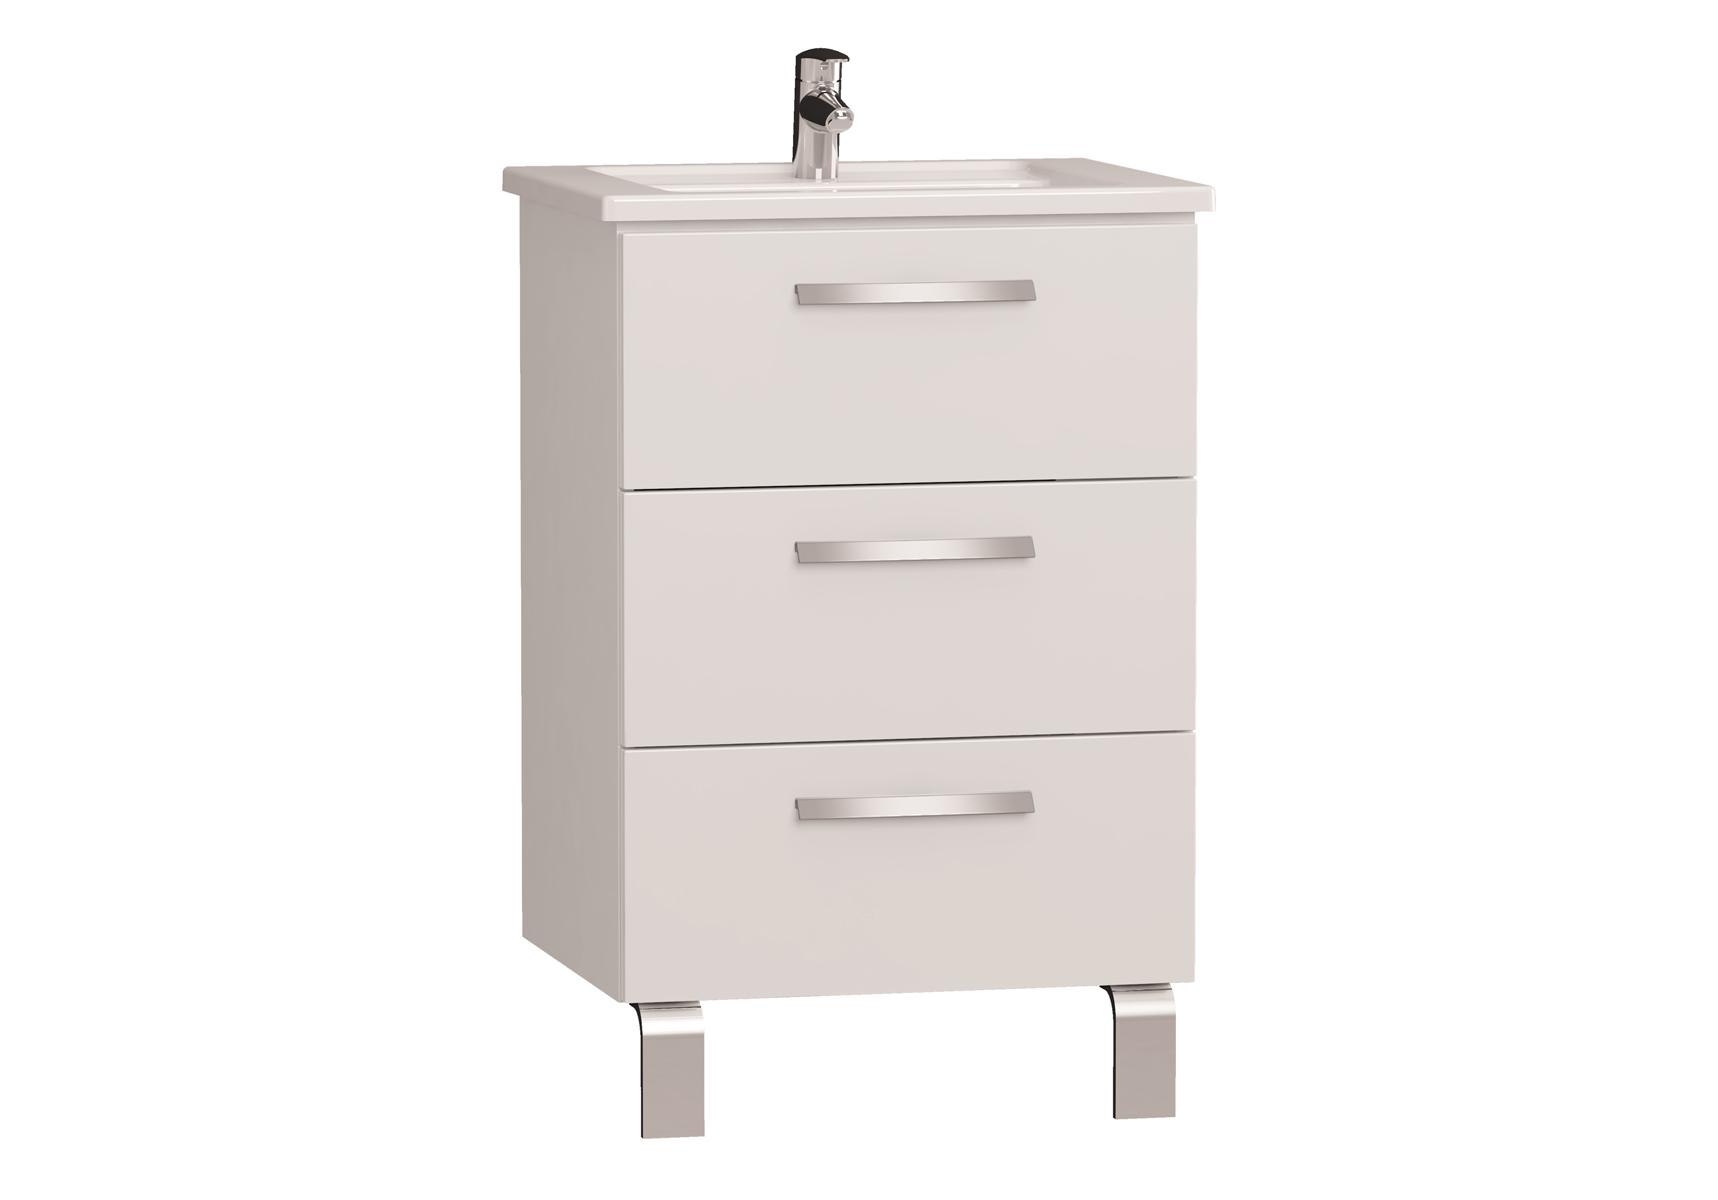 Integra meuble avec plan céramique avec trois tiroirs, 60 cm, blanc haute brillance